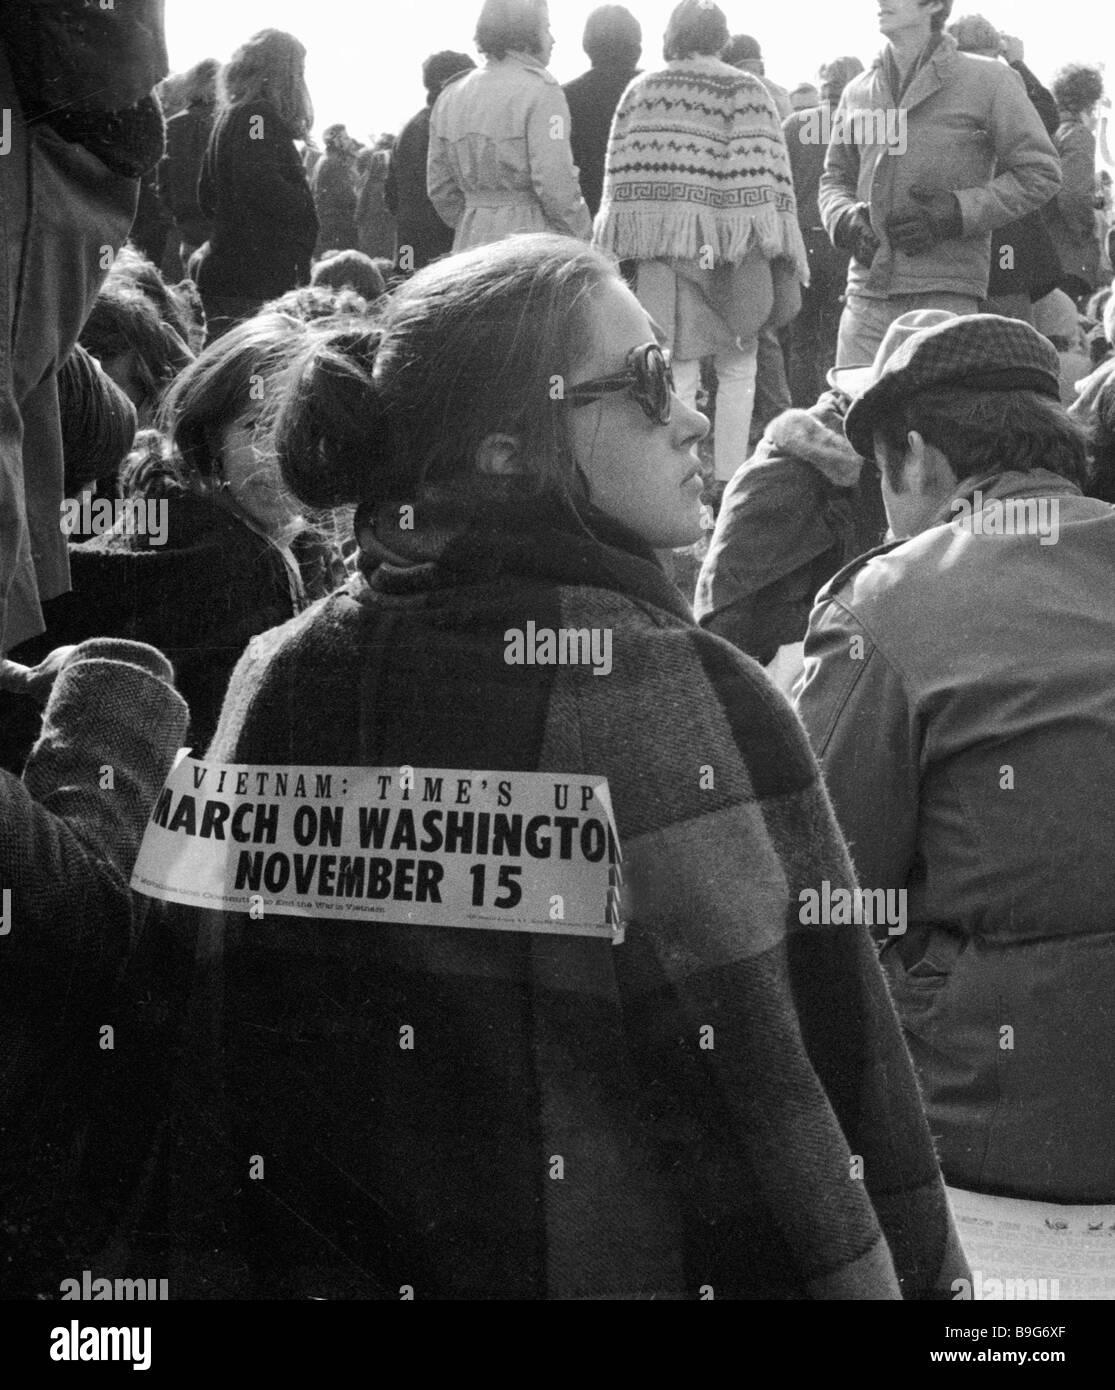 Palavras sobre a parte de trás de um participante numa anti Guerra do Vietname rally Vietname tempo é Imagens de Stock